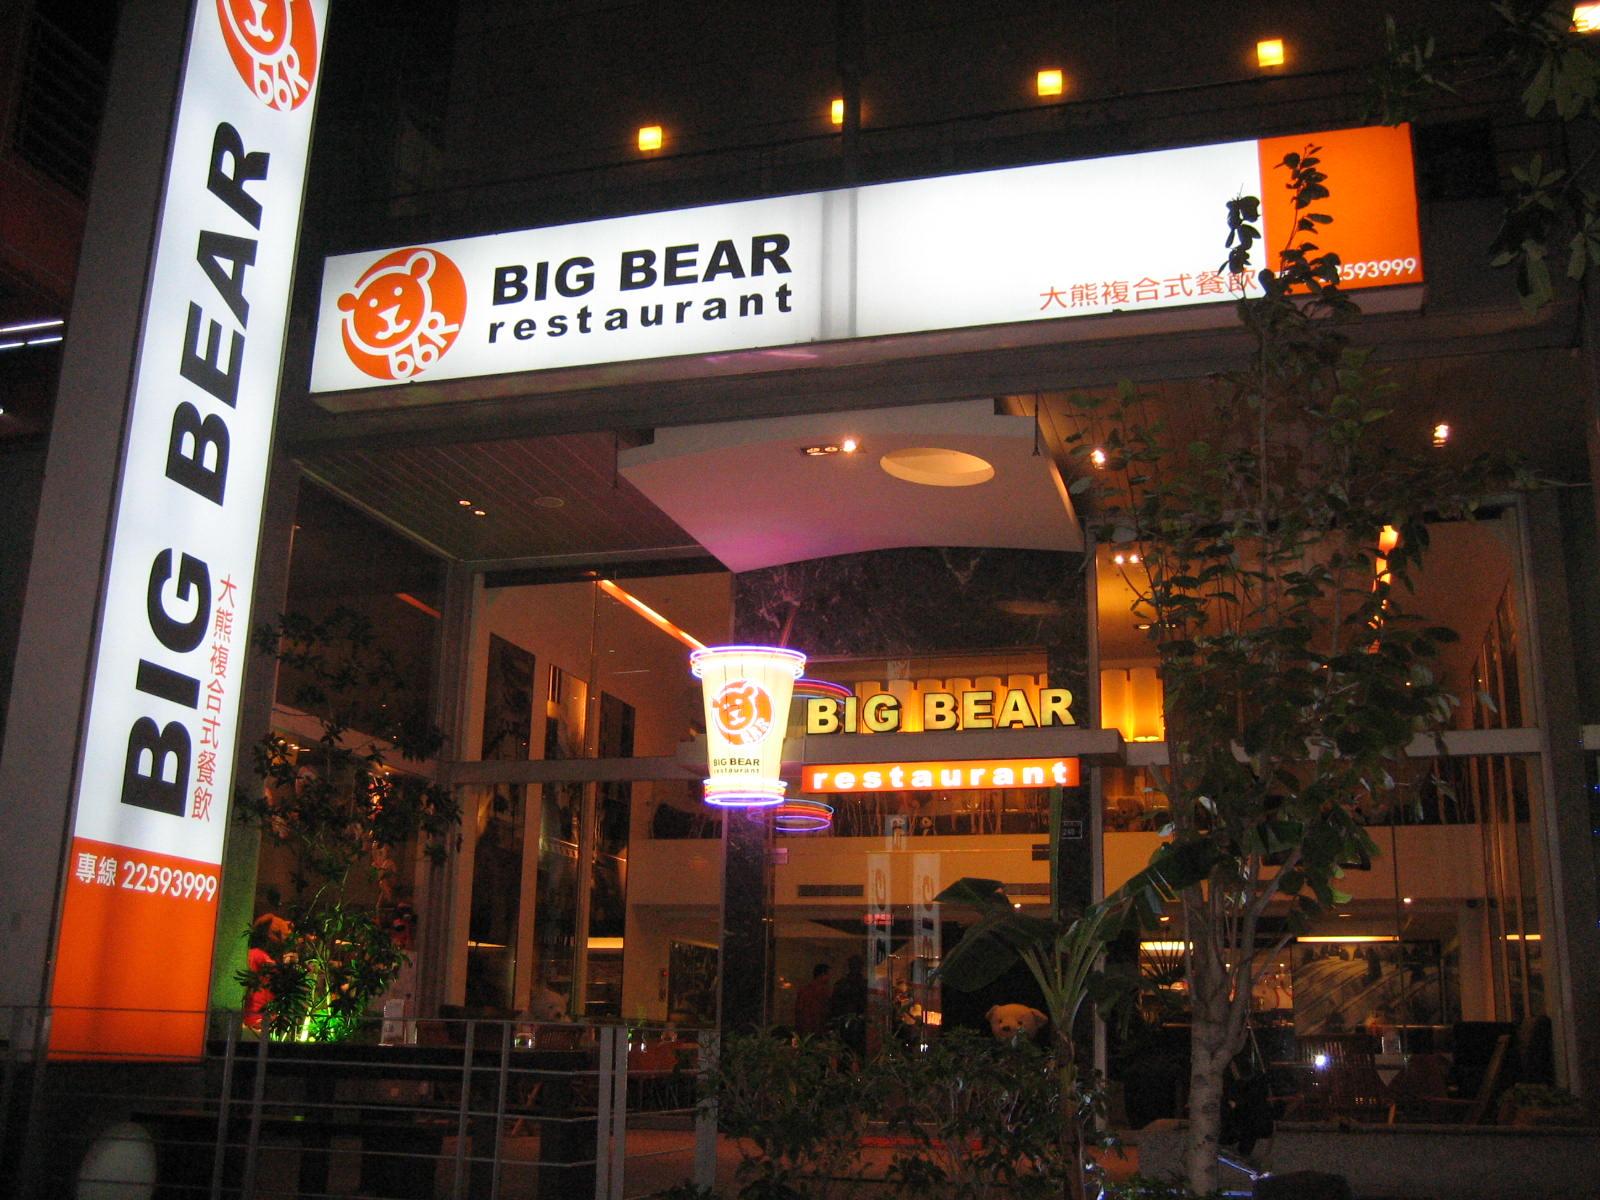 走進大熊複合式餐廳,就會知道老闆有多愛熊,店內可以見到大約40種各式各樣的熊,其中包括價值四萬多元、由法拉利品牌所推出的限量熊,一下子心情也變的可愛起來了。除了讓可愛的熊陪著大家用餐,最重要的是這裡的餐點全部使用新鮮食材現點現做,不怕吃到料理包,並且推出多種異國料理、貼心服務大家的需求。義式料理可以試試牛肝菌菇 乳酪燉飯 與傳統義大利肉醬麵,除了選用的高檔食材,就連新鮮香草的點綴都會讓你的味覺煥然一新;特別使用法國芥末子去調味做醬汁的法式奶油野薑細扁麵,推薦給吃素的朋友哦!雖然到了三月份,但還是有寒流來襲